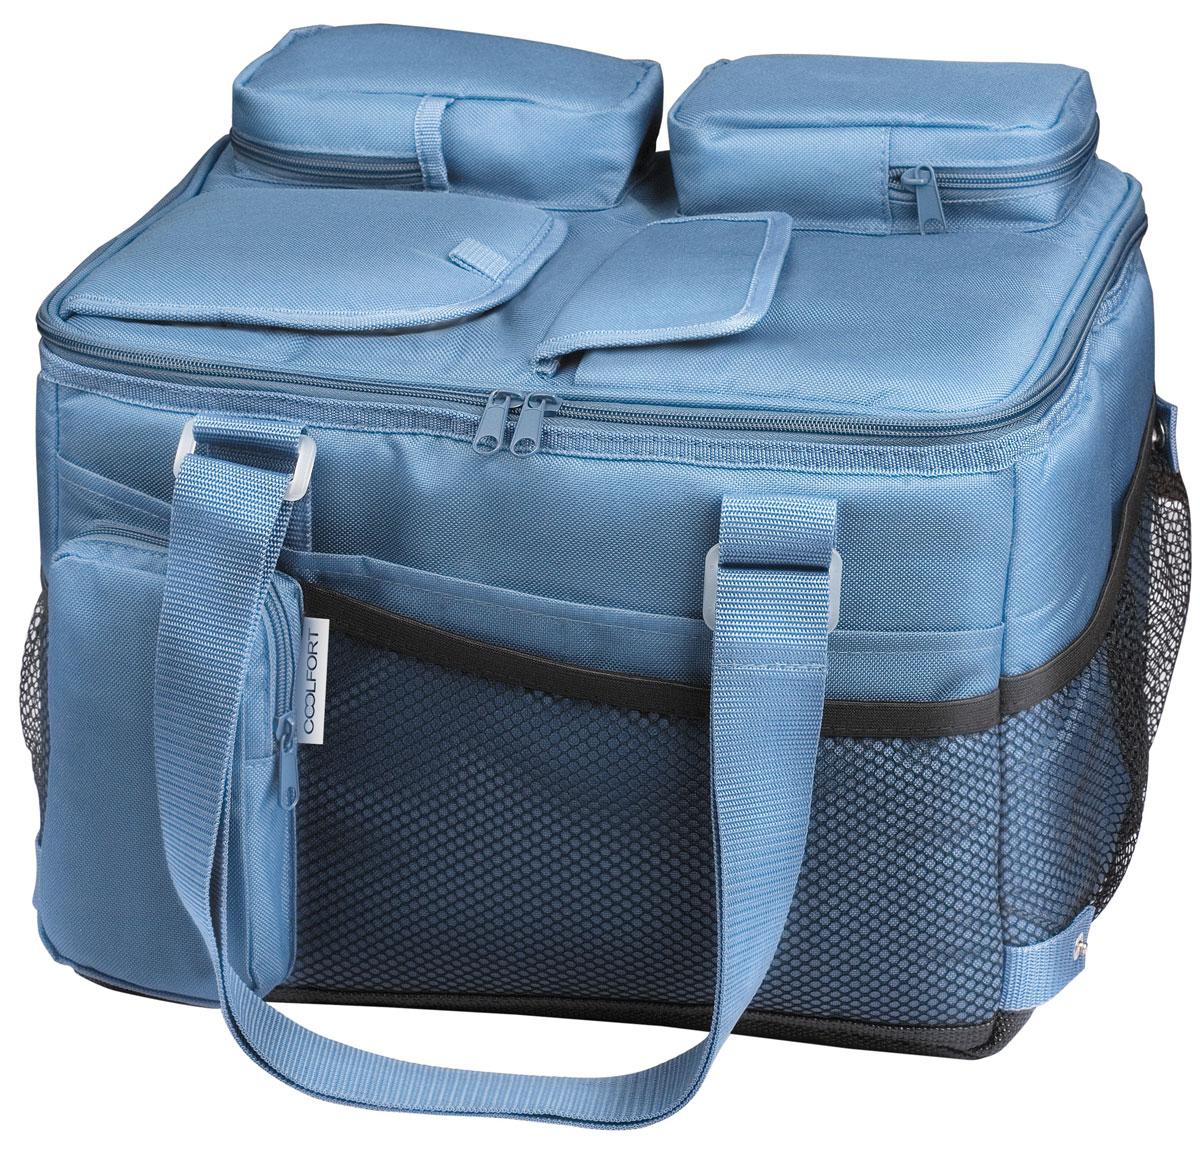 Coolfort CF-1221 cумка-холодильник объем 21 л1221-CF-01Термоэлектрическая сумка-холодильник Coolfort СF-1221.Эта модель обладает достаточно компактными размерами, поэтому вполне найдет себе применение не только в качестве устройства, которое необходимо при выезде на природу или за город, но и в качестве мобильного холодильника в автомобиле. С помощью аккумулятора Coolfort CF-1221 может эффективно охлаждать внутреннее пространство на 15 градусов по отношению к окружающему воздуху. После отключения устройства заданная температура поддерживается благодаря уникальной технологии THERMOFORT.Система вентиляции двусторонняя, что позволяет ей действовать более эффективно. Для того чтобы было удобнее хранить шнур и адаптер, в конструкции этой сумки холодильника предусмотрены специальные карманы. Это помогает всегда держать нужные элементы под рукой. Ручка для переноса может регулироваться по длине, что позволяет сделать это устройство еще более удобным при транспортировке. Если моделью не планируется пользоваться в течение некоторого времени, то ее можно компактно сложить, чтобы она занимала меньше места при хранении.Двусторонняя система вентиляцииОхлаждение относительно окружающей среды: 15°СПотребляемая мощность: 37 Вт (DC), 20 Вт (AC)Электропитание: 12 В (DC), внешний адаптер 230 В (АС)